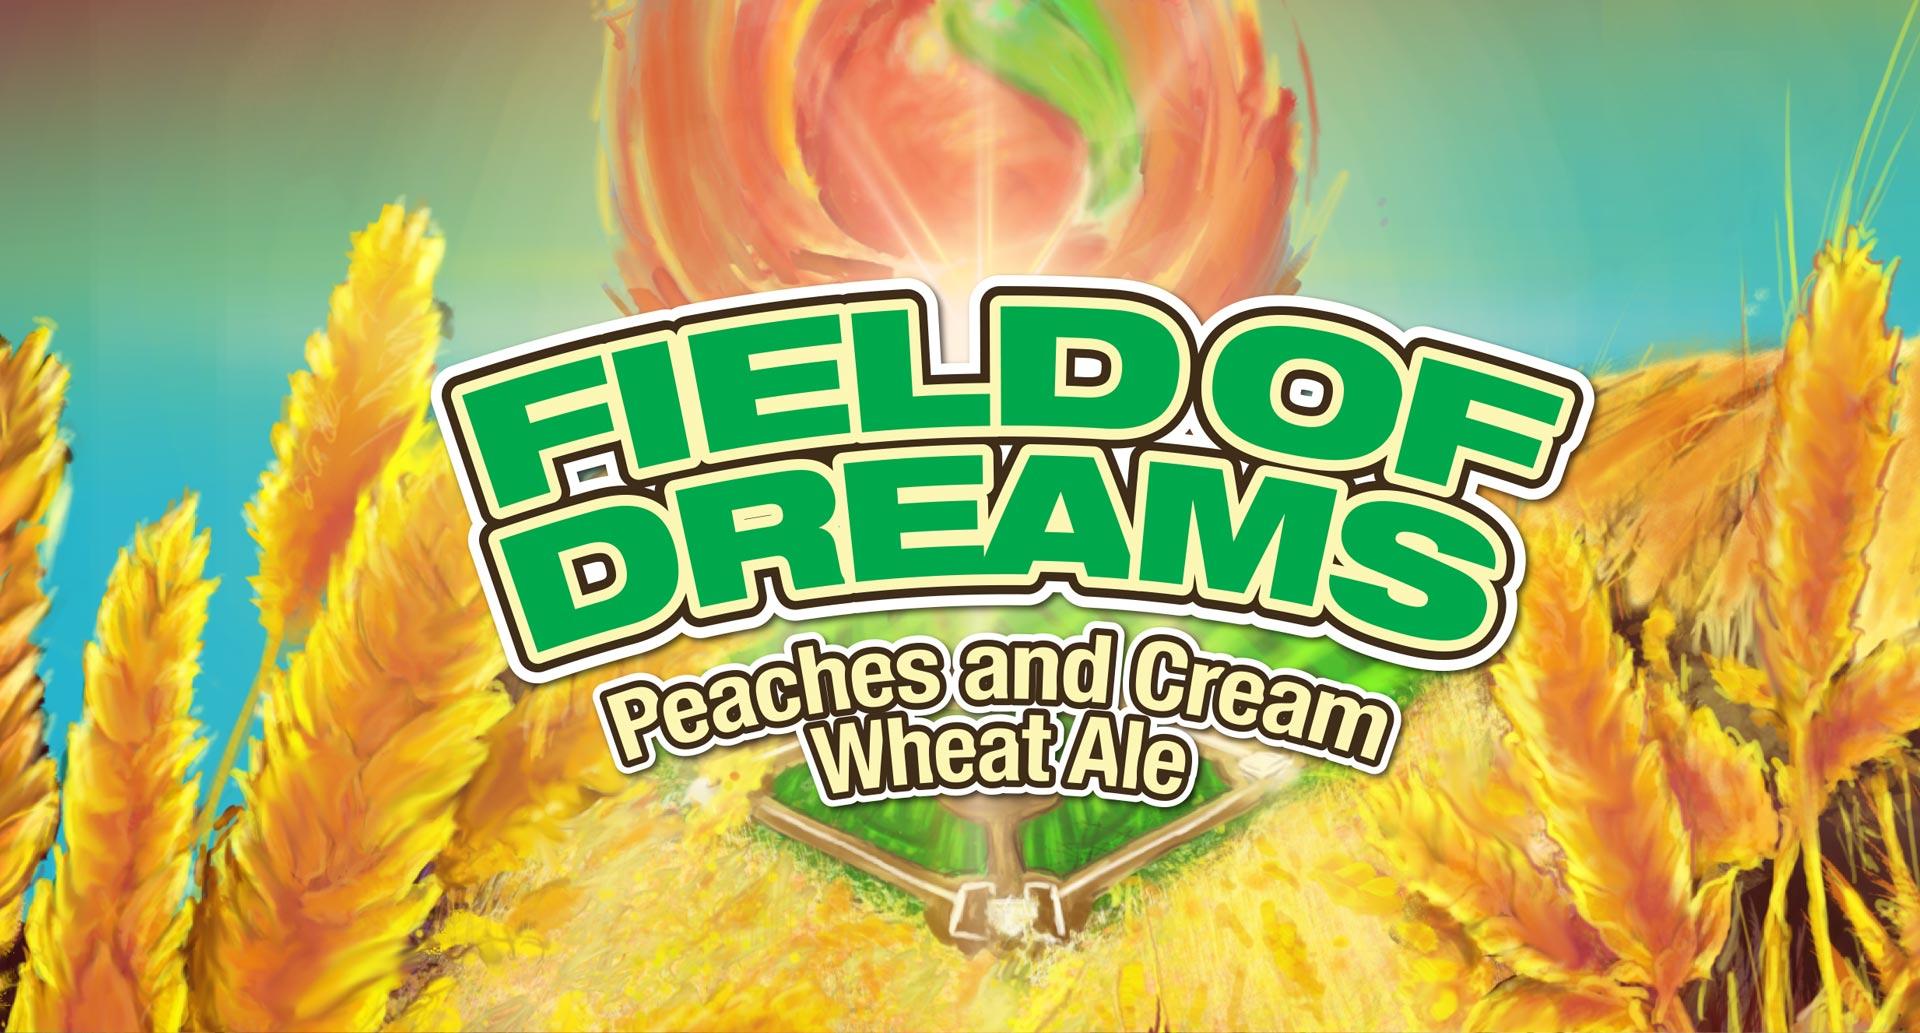 Field Of Dreams Peaches and Cream Wheat Ale